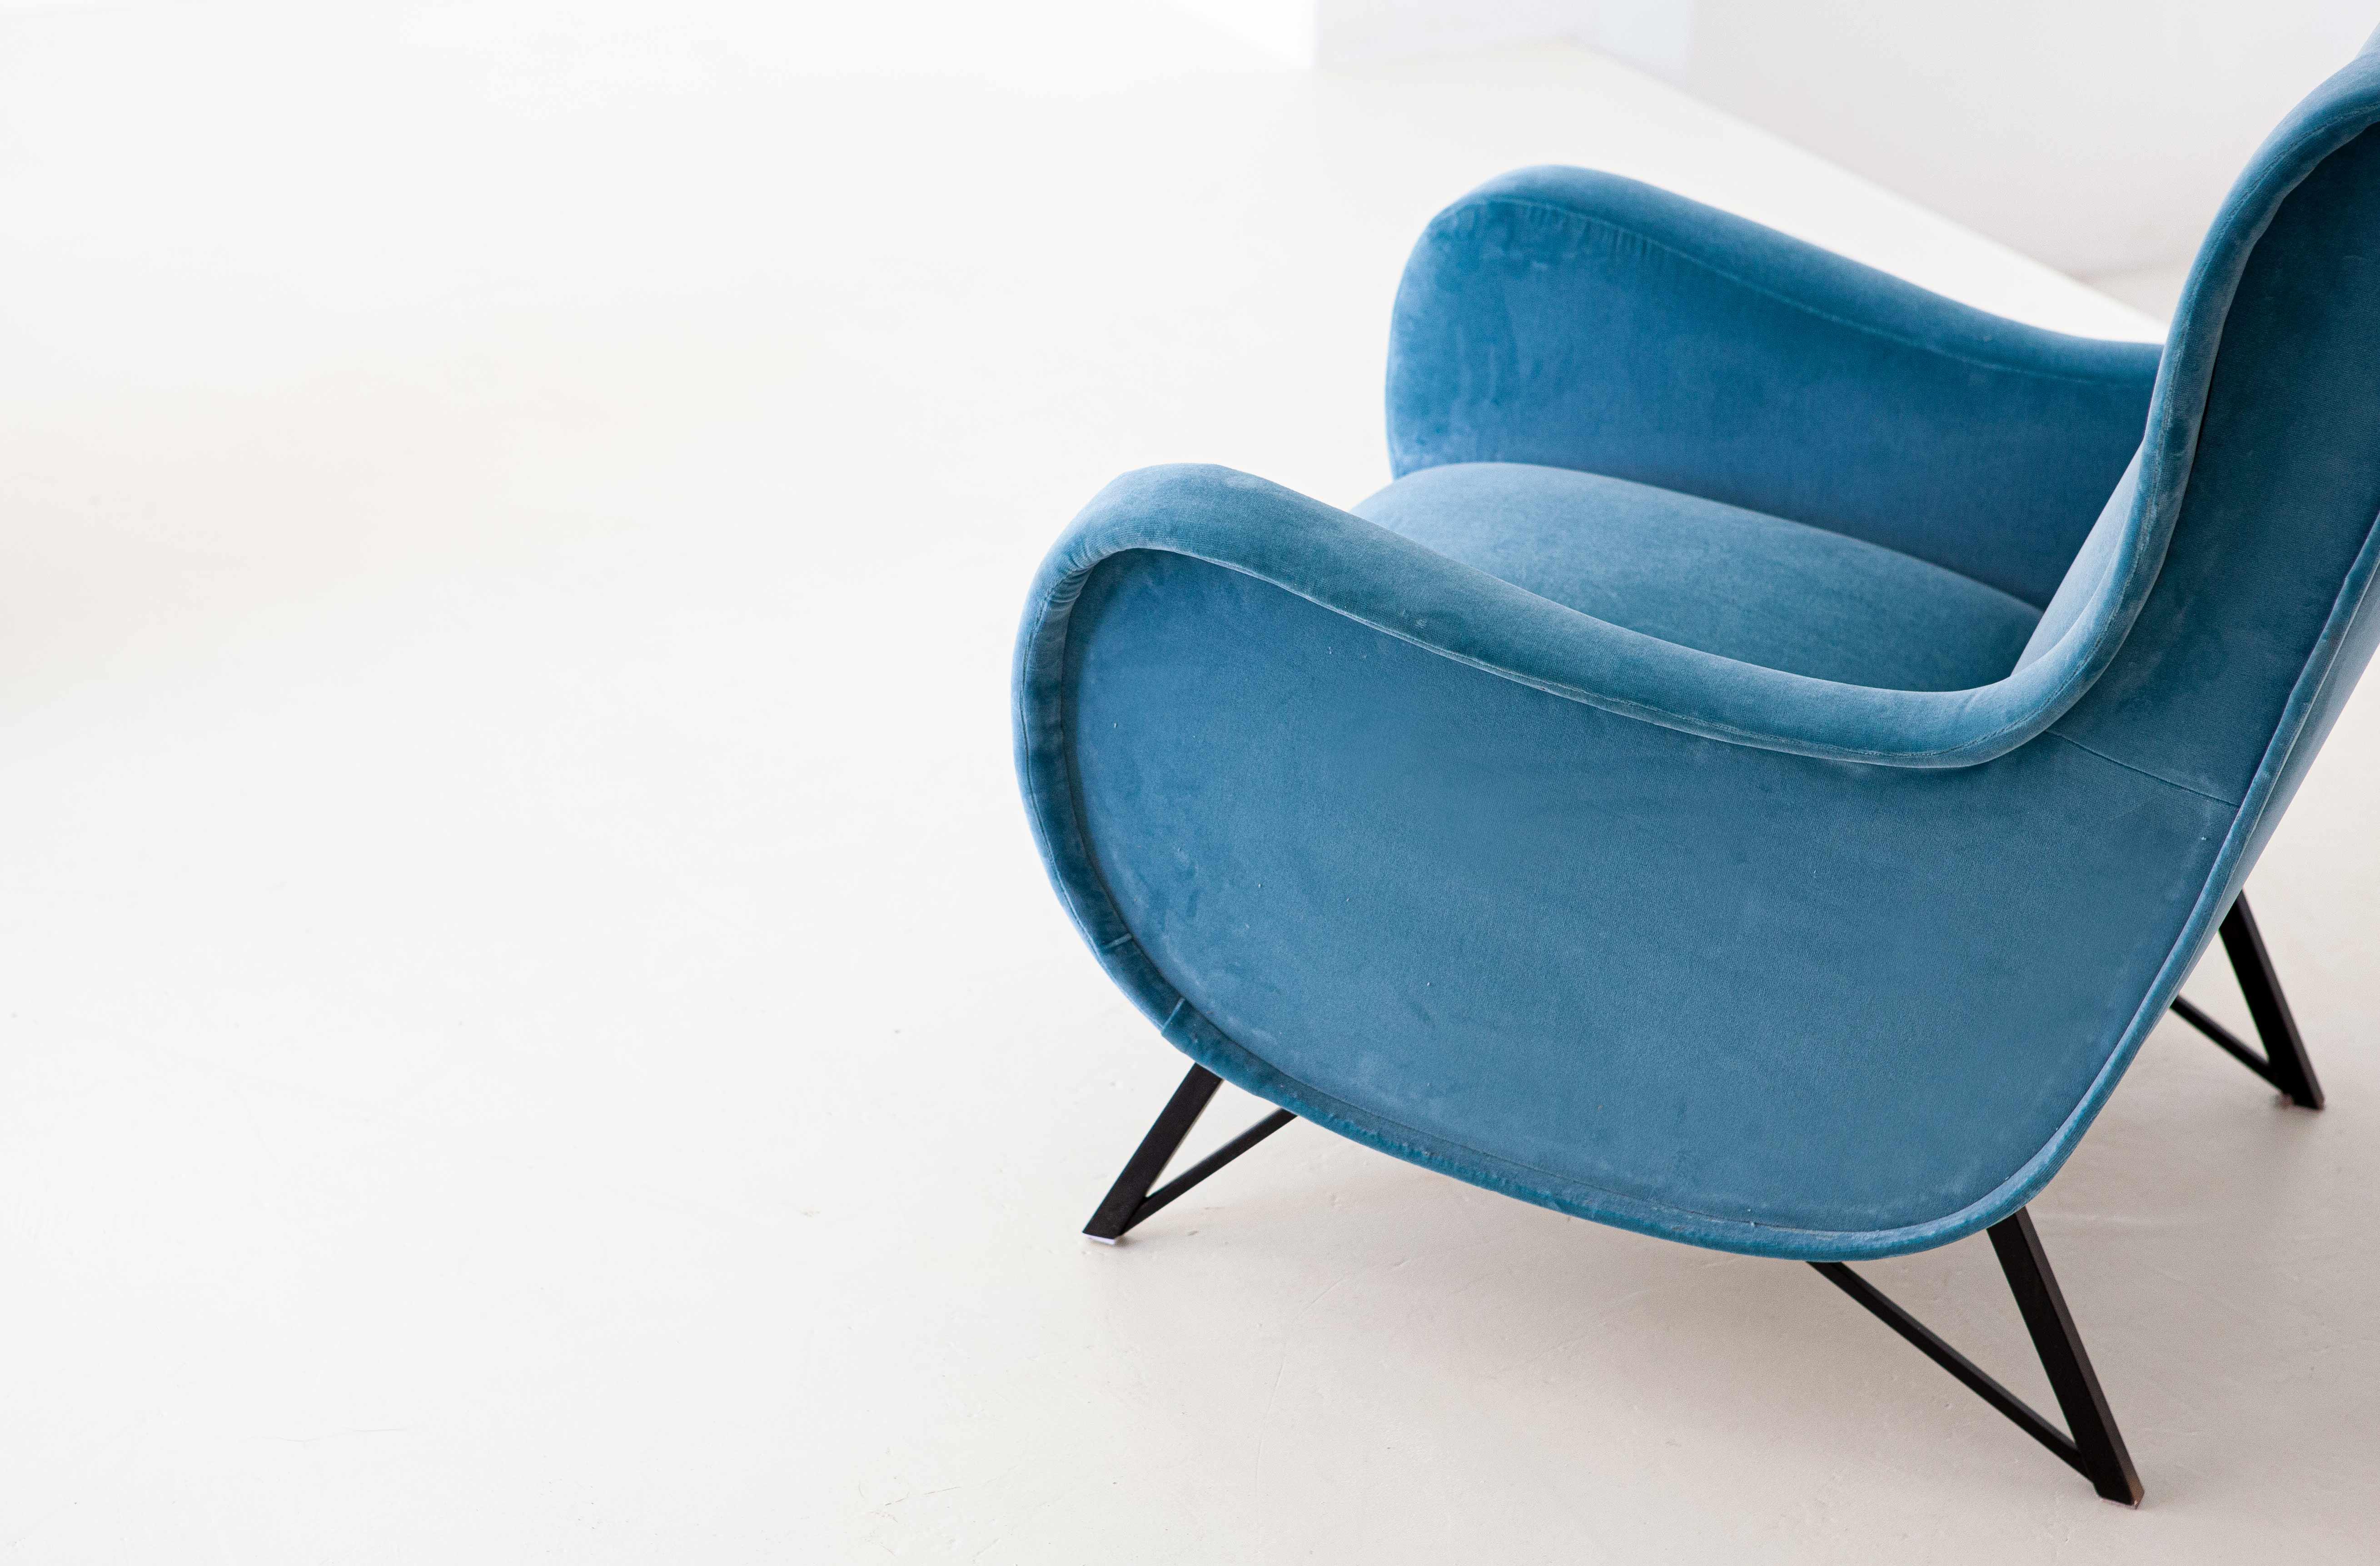 1950s-Italian-lounge-light-blue-velvet-lounge-chairs-2-se302